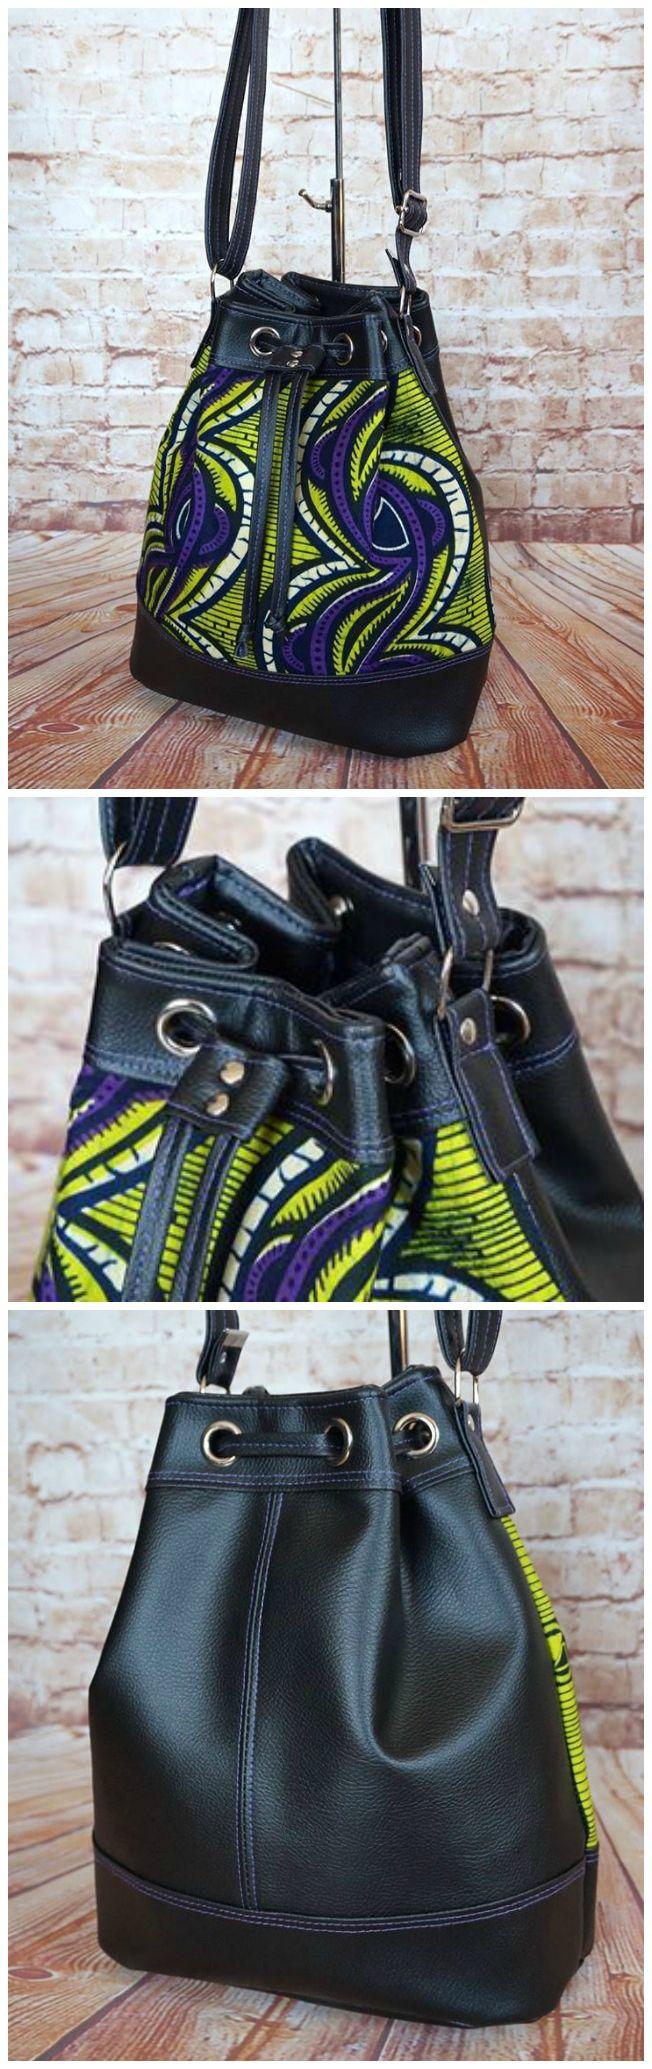 Bonnie Bucket Bag   Tasche nähmuster, Taschen nähen und Taschenmuster